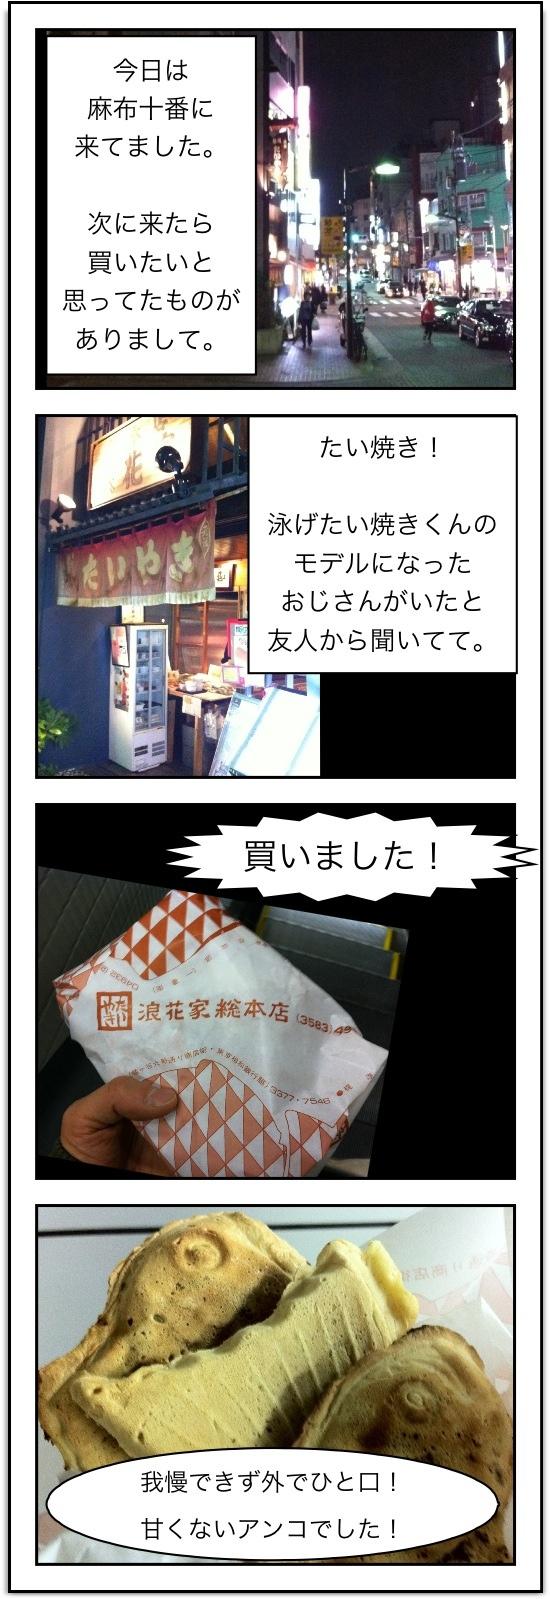 Photo 2月 08, 7 29 42 午後